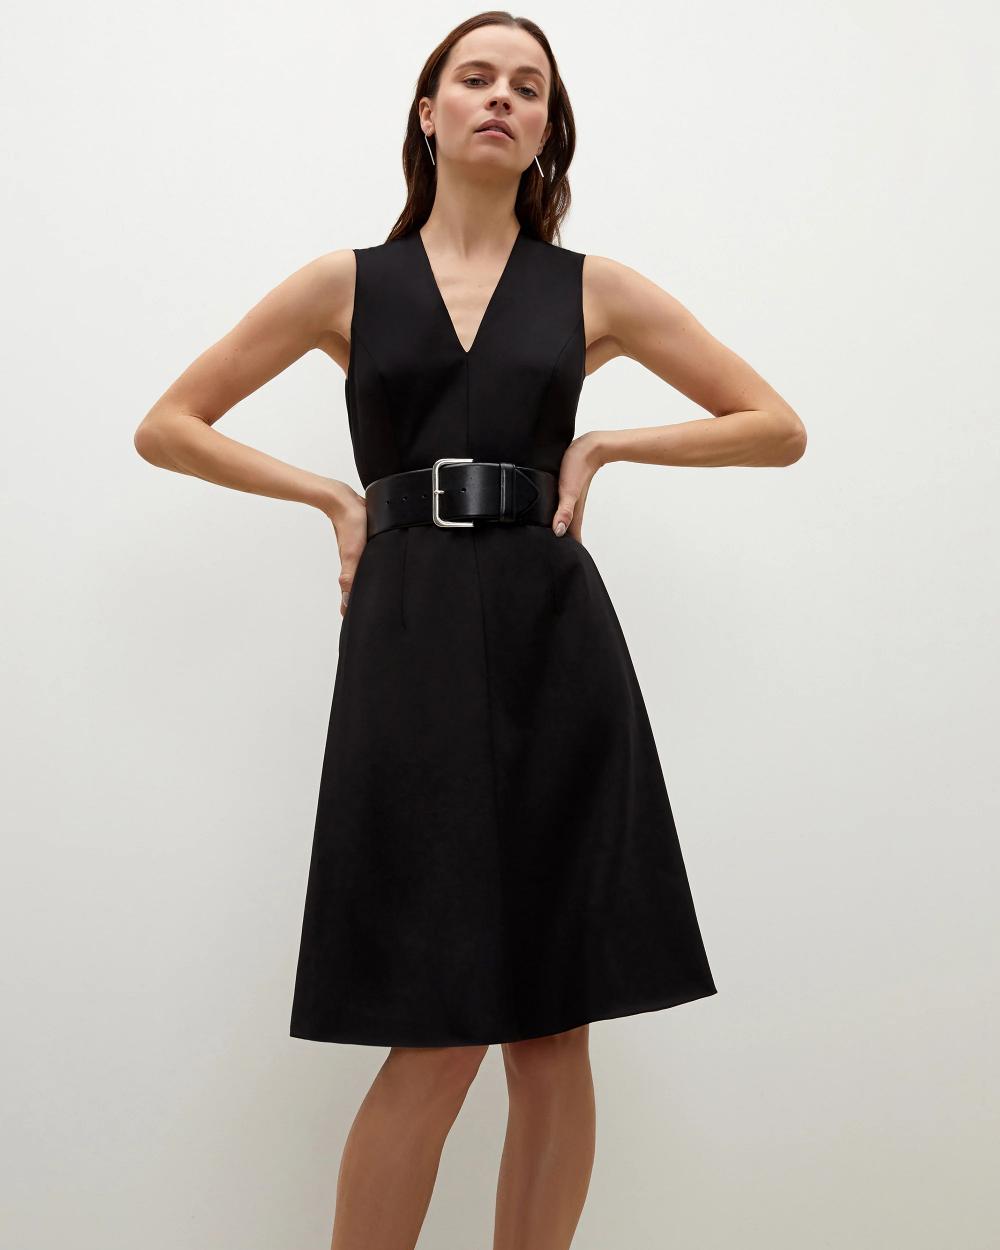 The Beebe Belt Black M M Lafleur Black Dress Outfits Dresses Black Dress Outfit Casual [ 1250 x 1000 Pixel ]